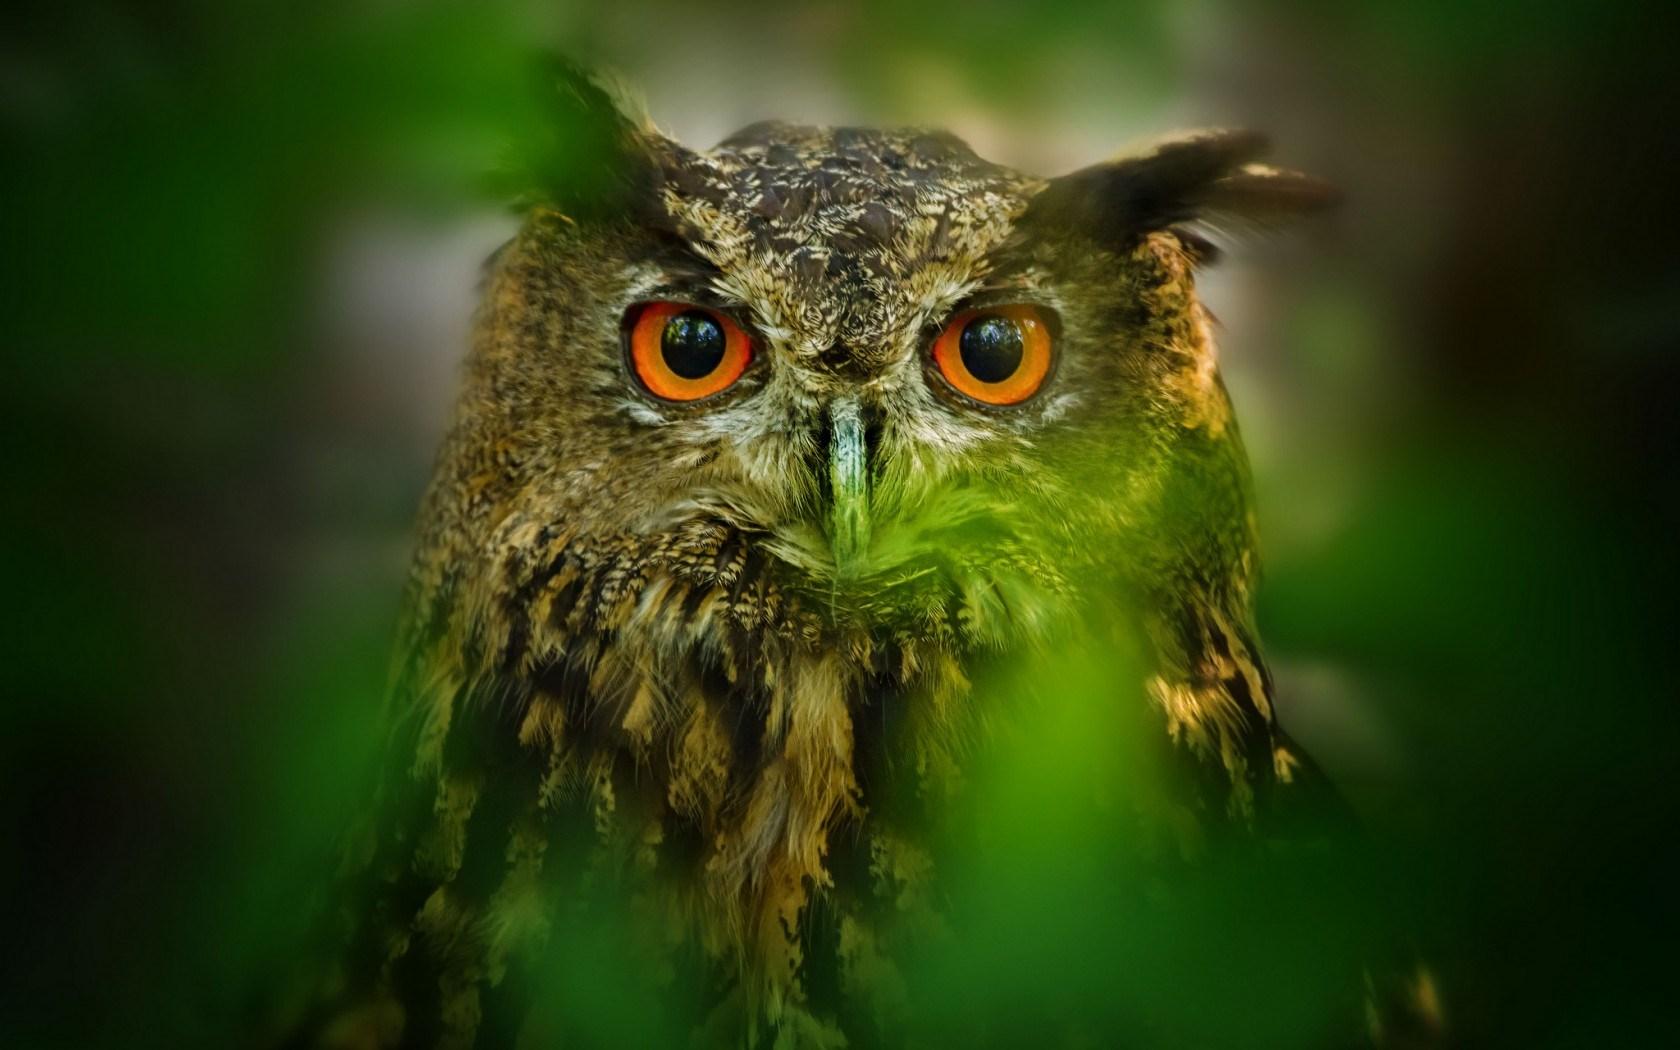 Bird Nature Owl